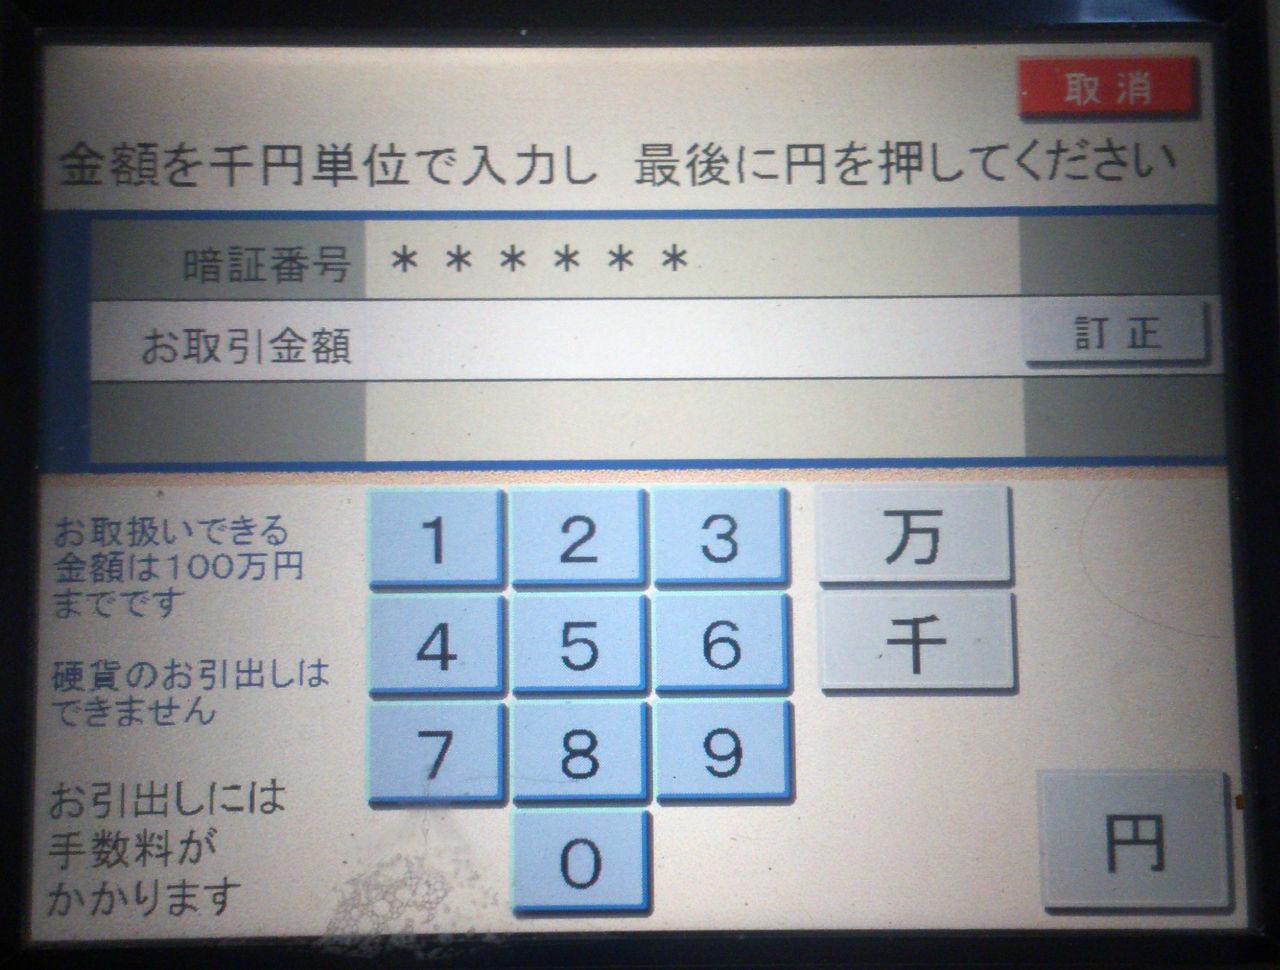 アメジスト香港 スタッフブログ : 【HSBC香港】ATM 全て日本語 ...